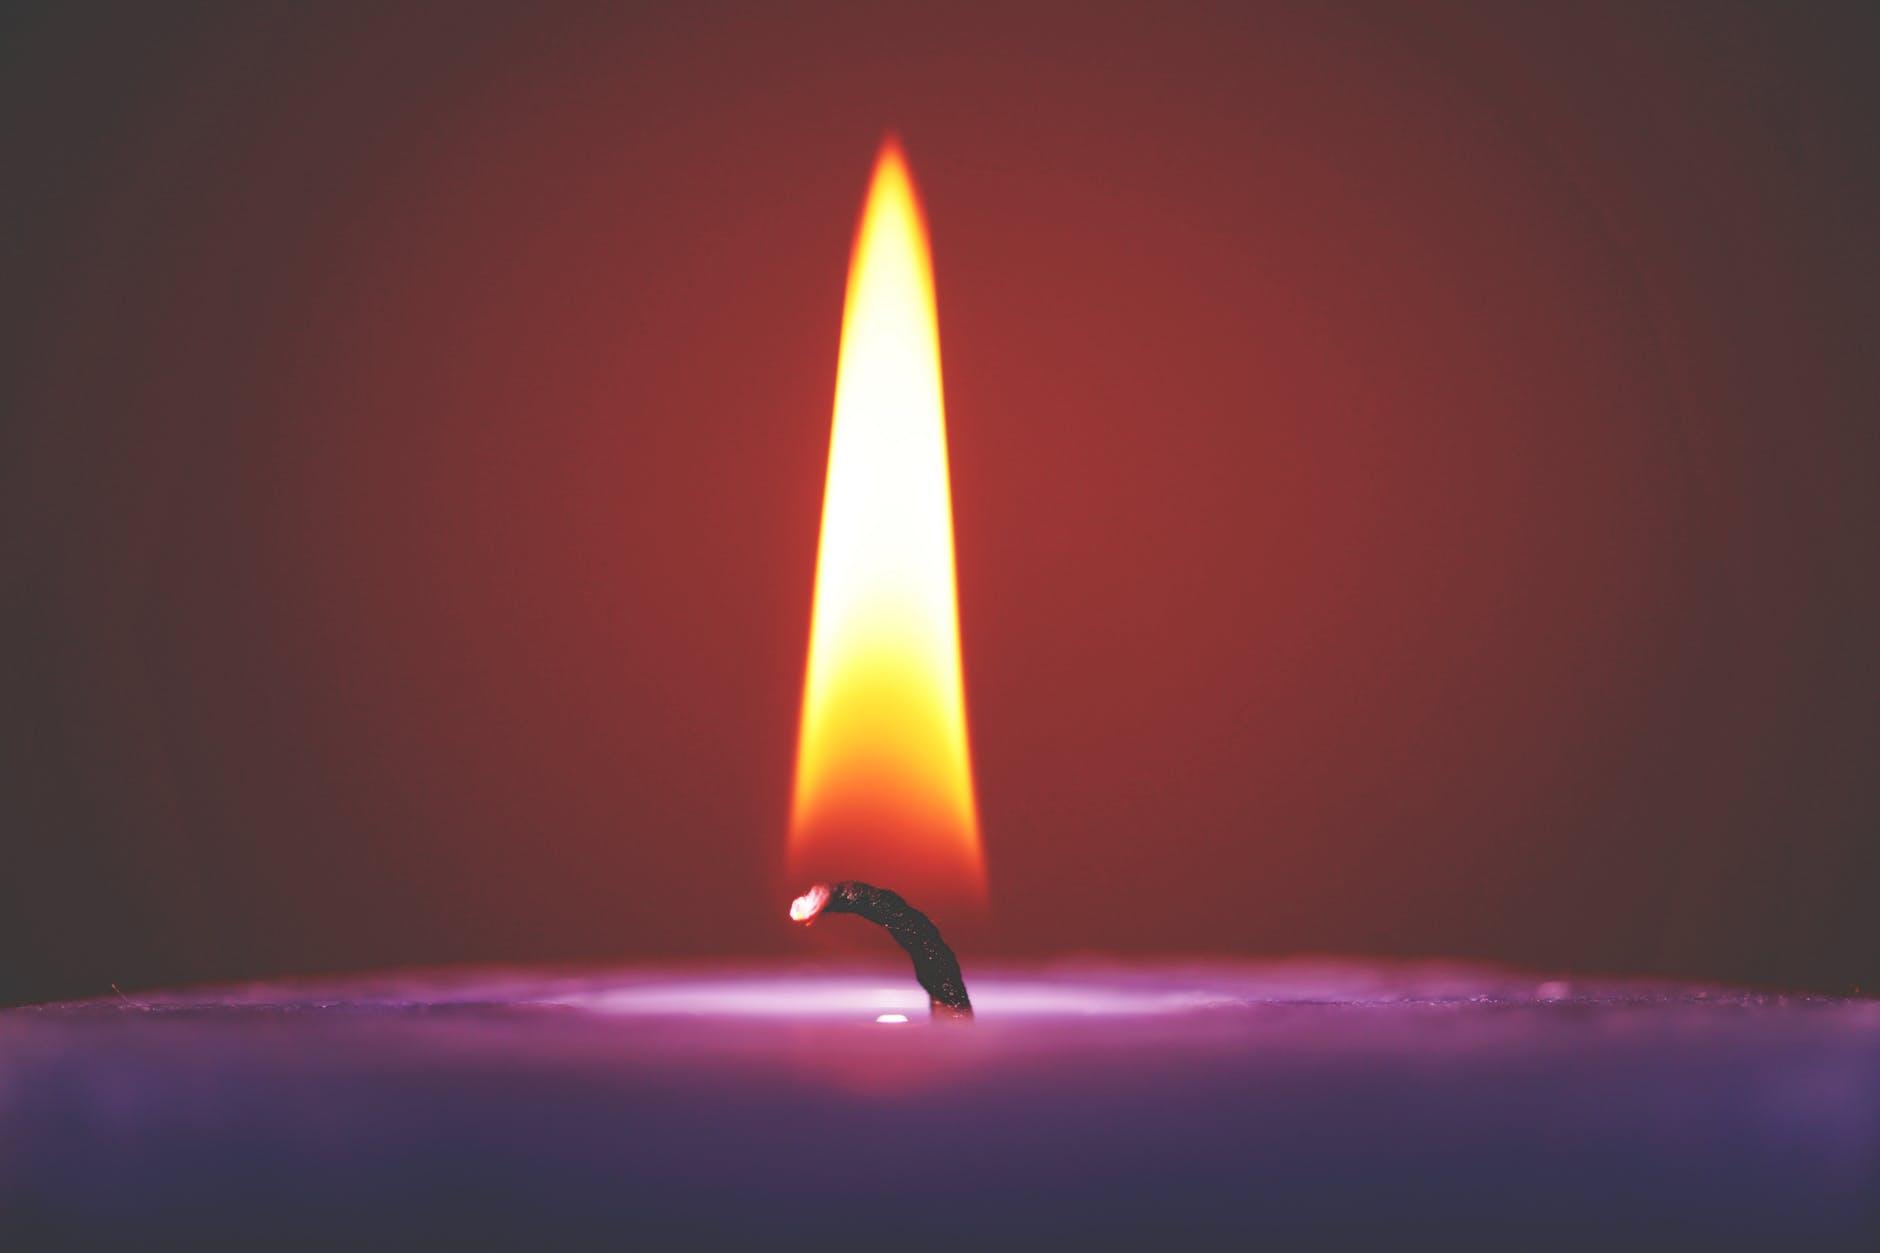 art blur bright burn